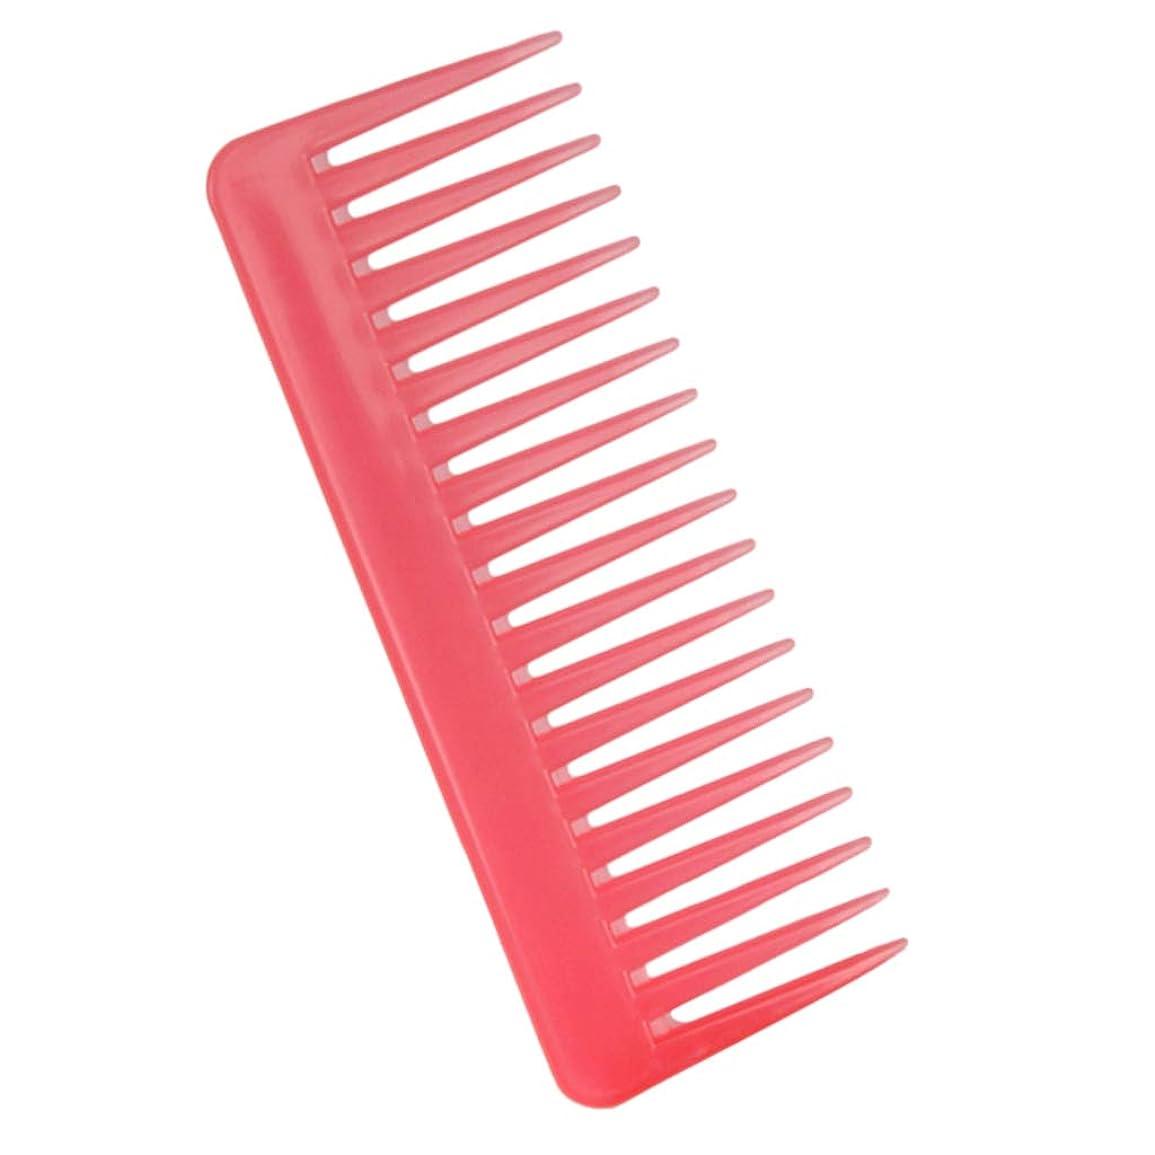 頭痛接続ビデオP Prettyia 帯電防止櫛 ヘアケア ヘアブラシ サロン用 自宅用 ヘアコーム 3色選べ - ピンク